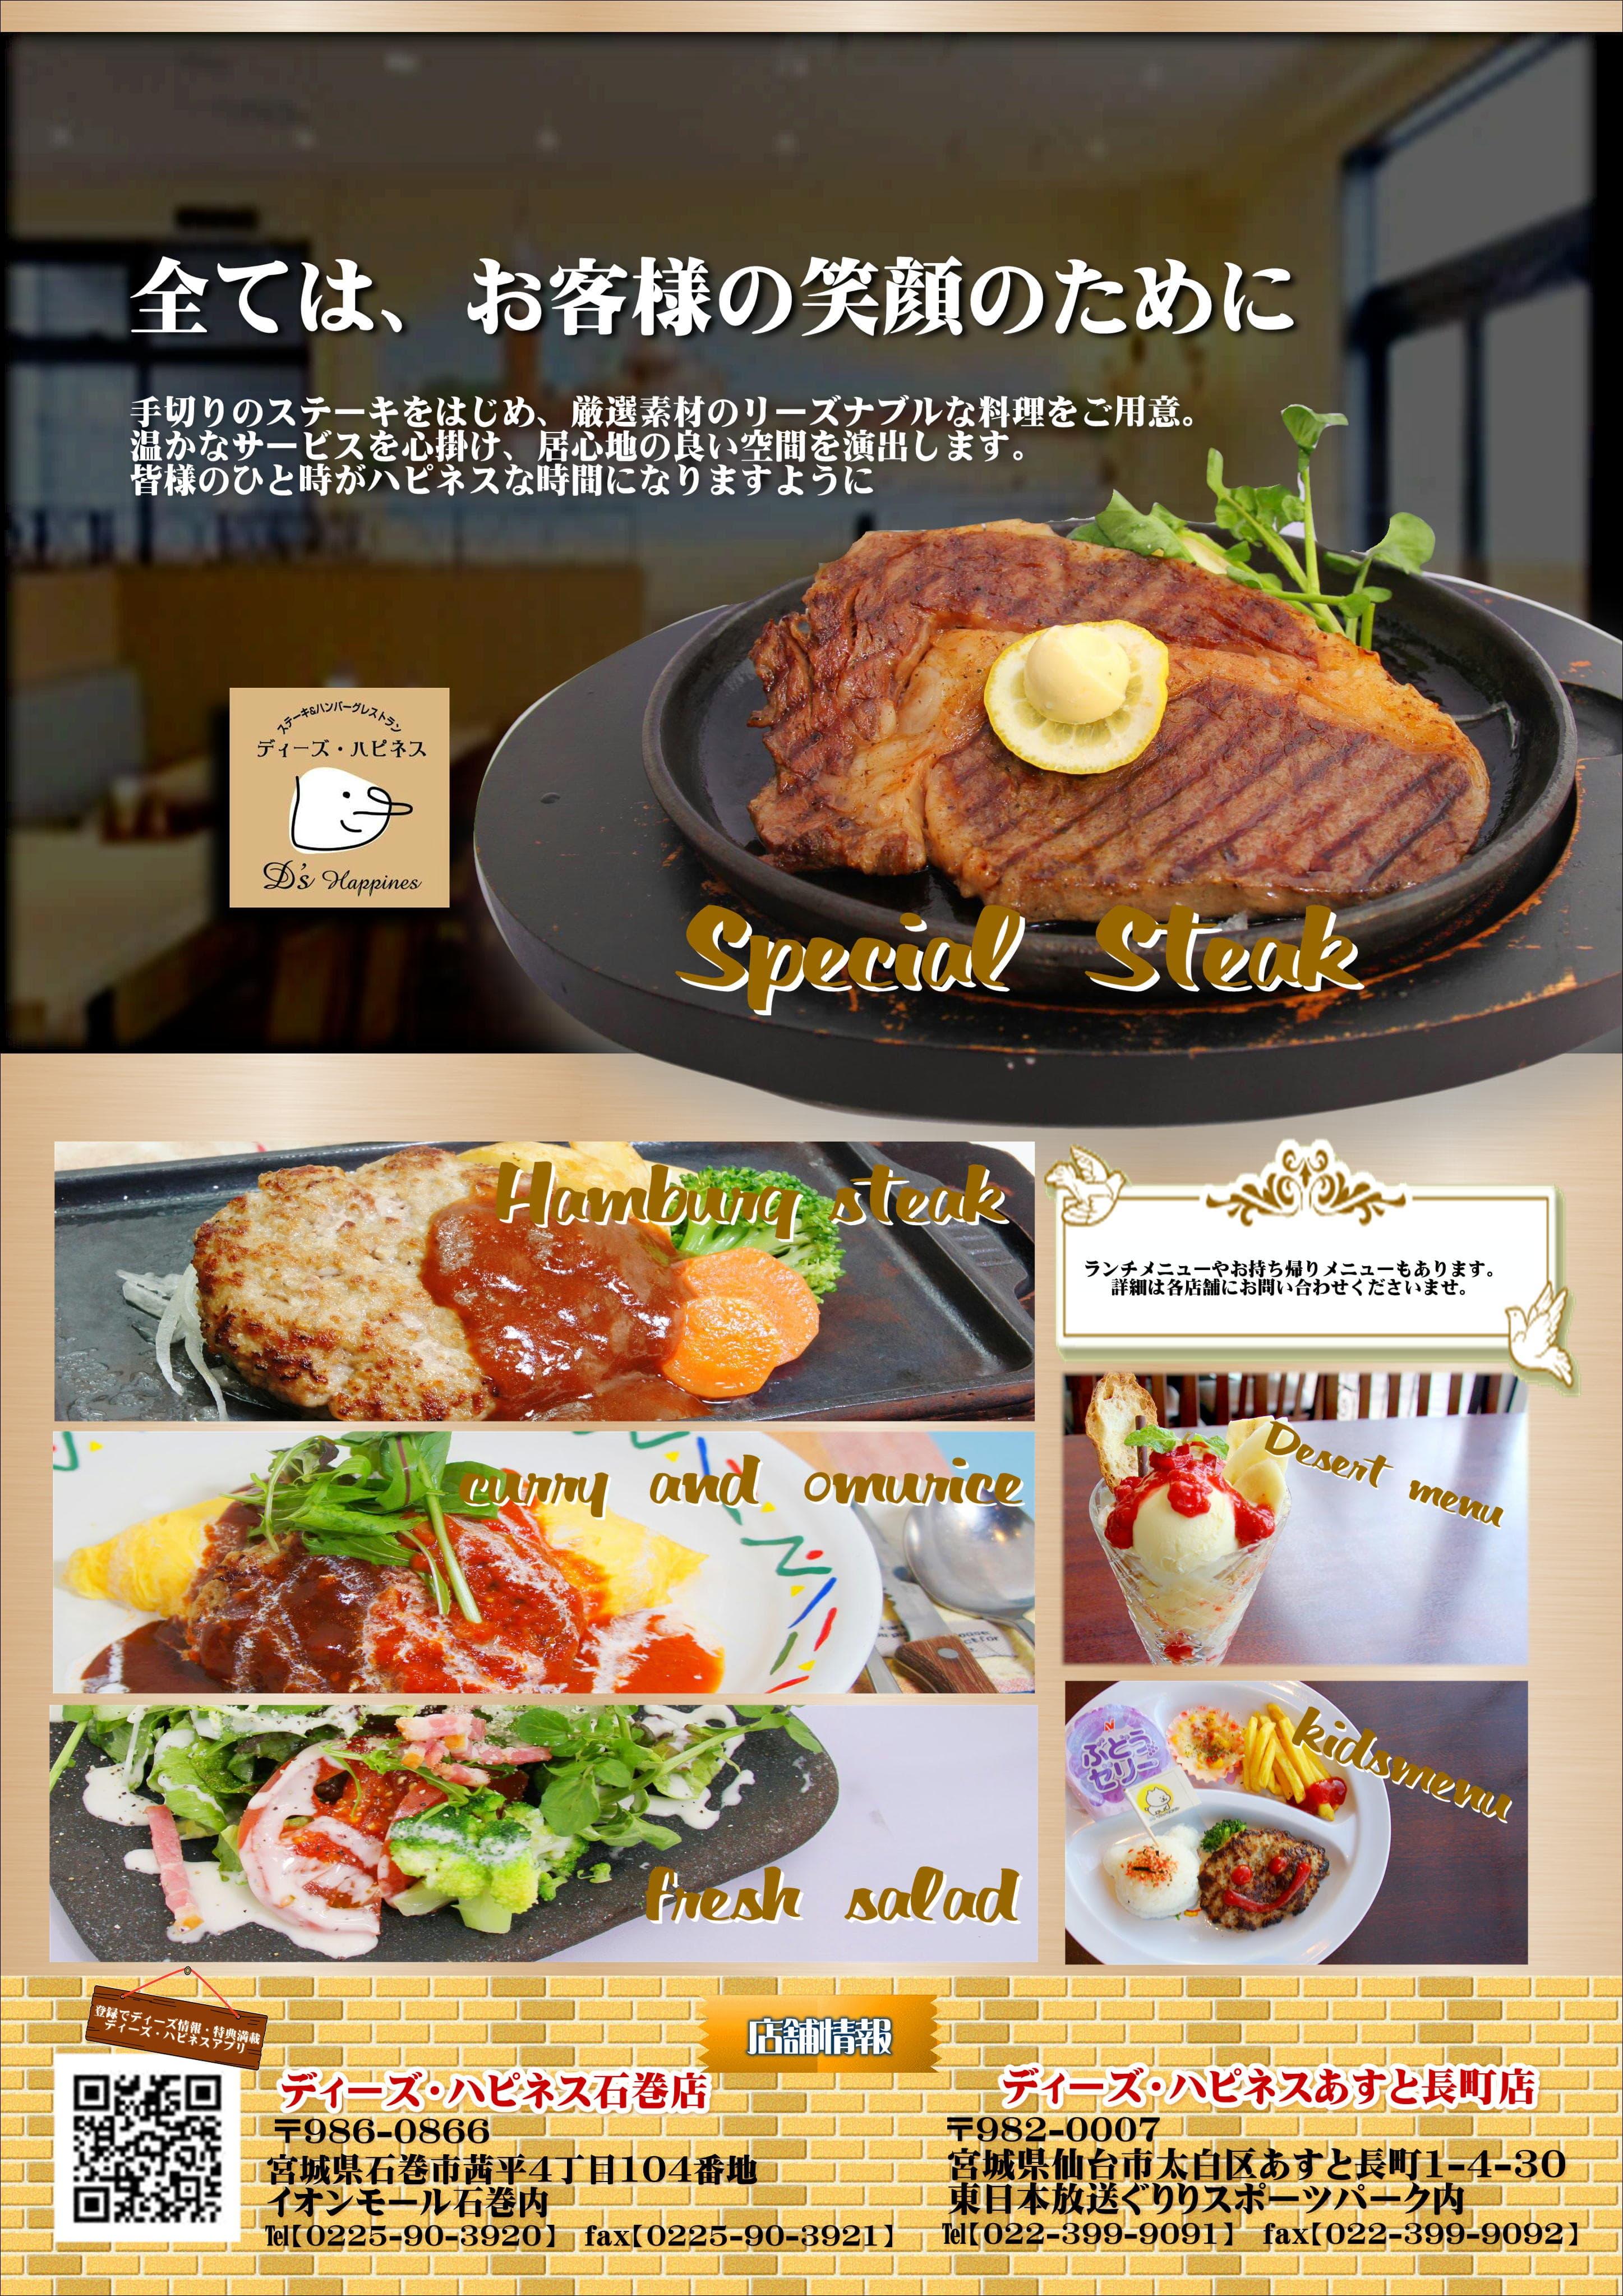 新HP画像ディーズ-min.JPG